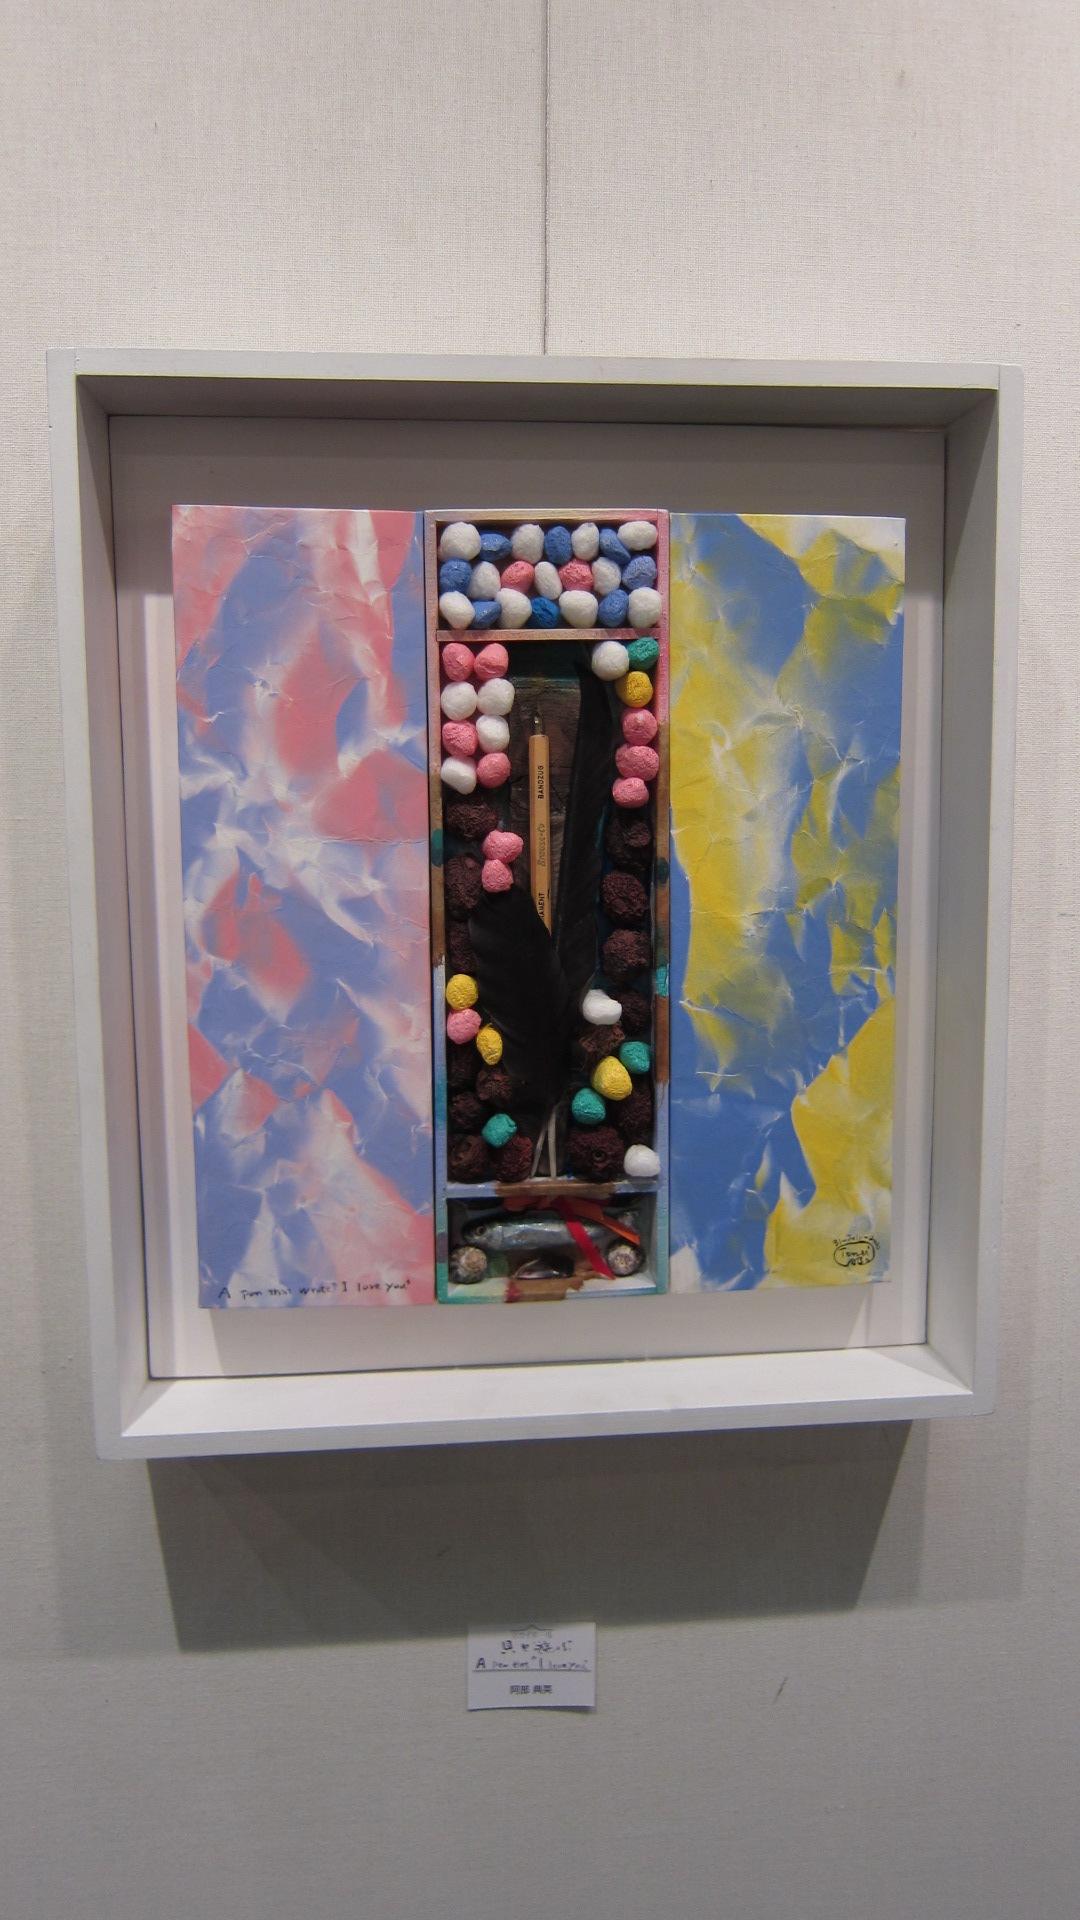 2156)「日本美術家連盟北海道地区 アーティストによる拡げる表現展」スカイ. 終了8月13日(火)~8月18日(日)_f0126829_12461416.jpg